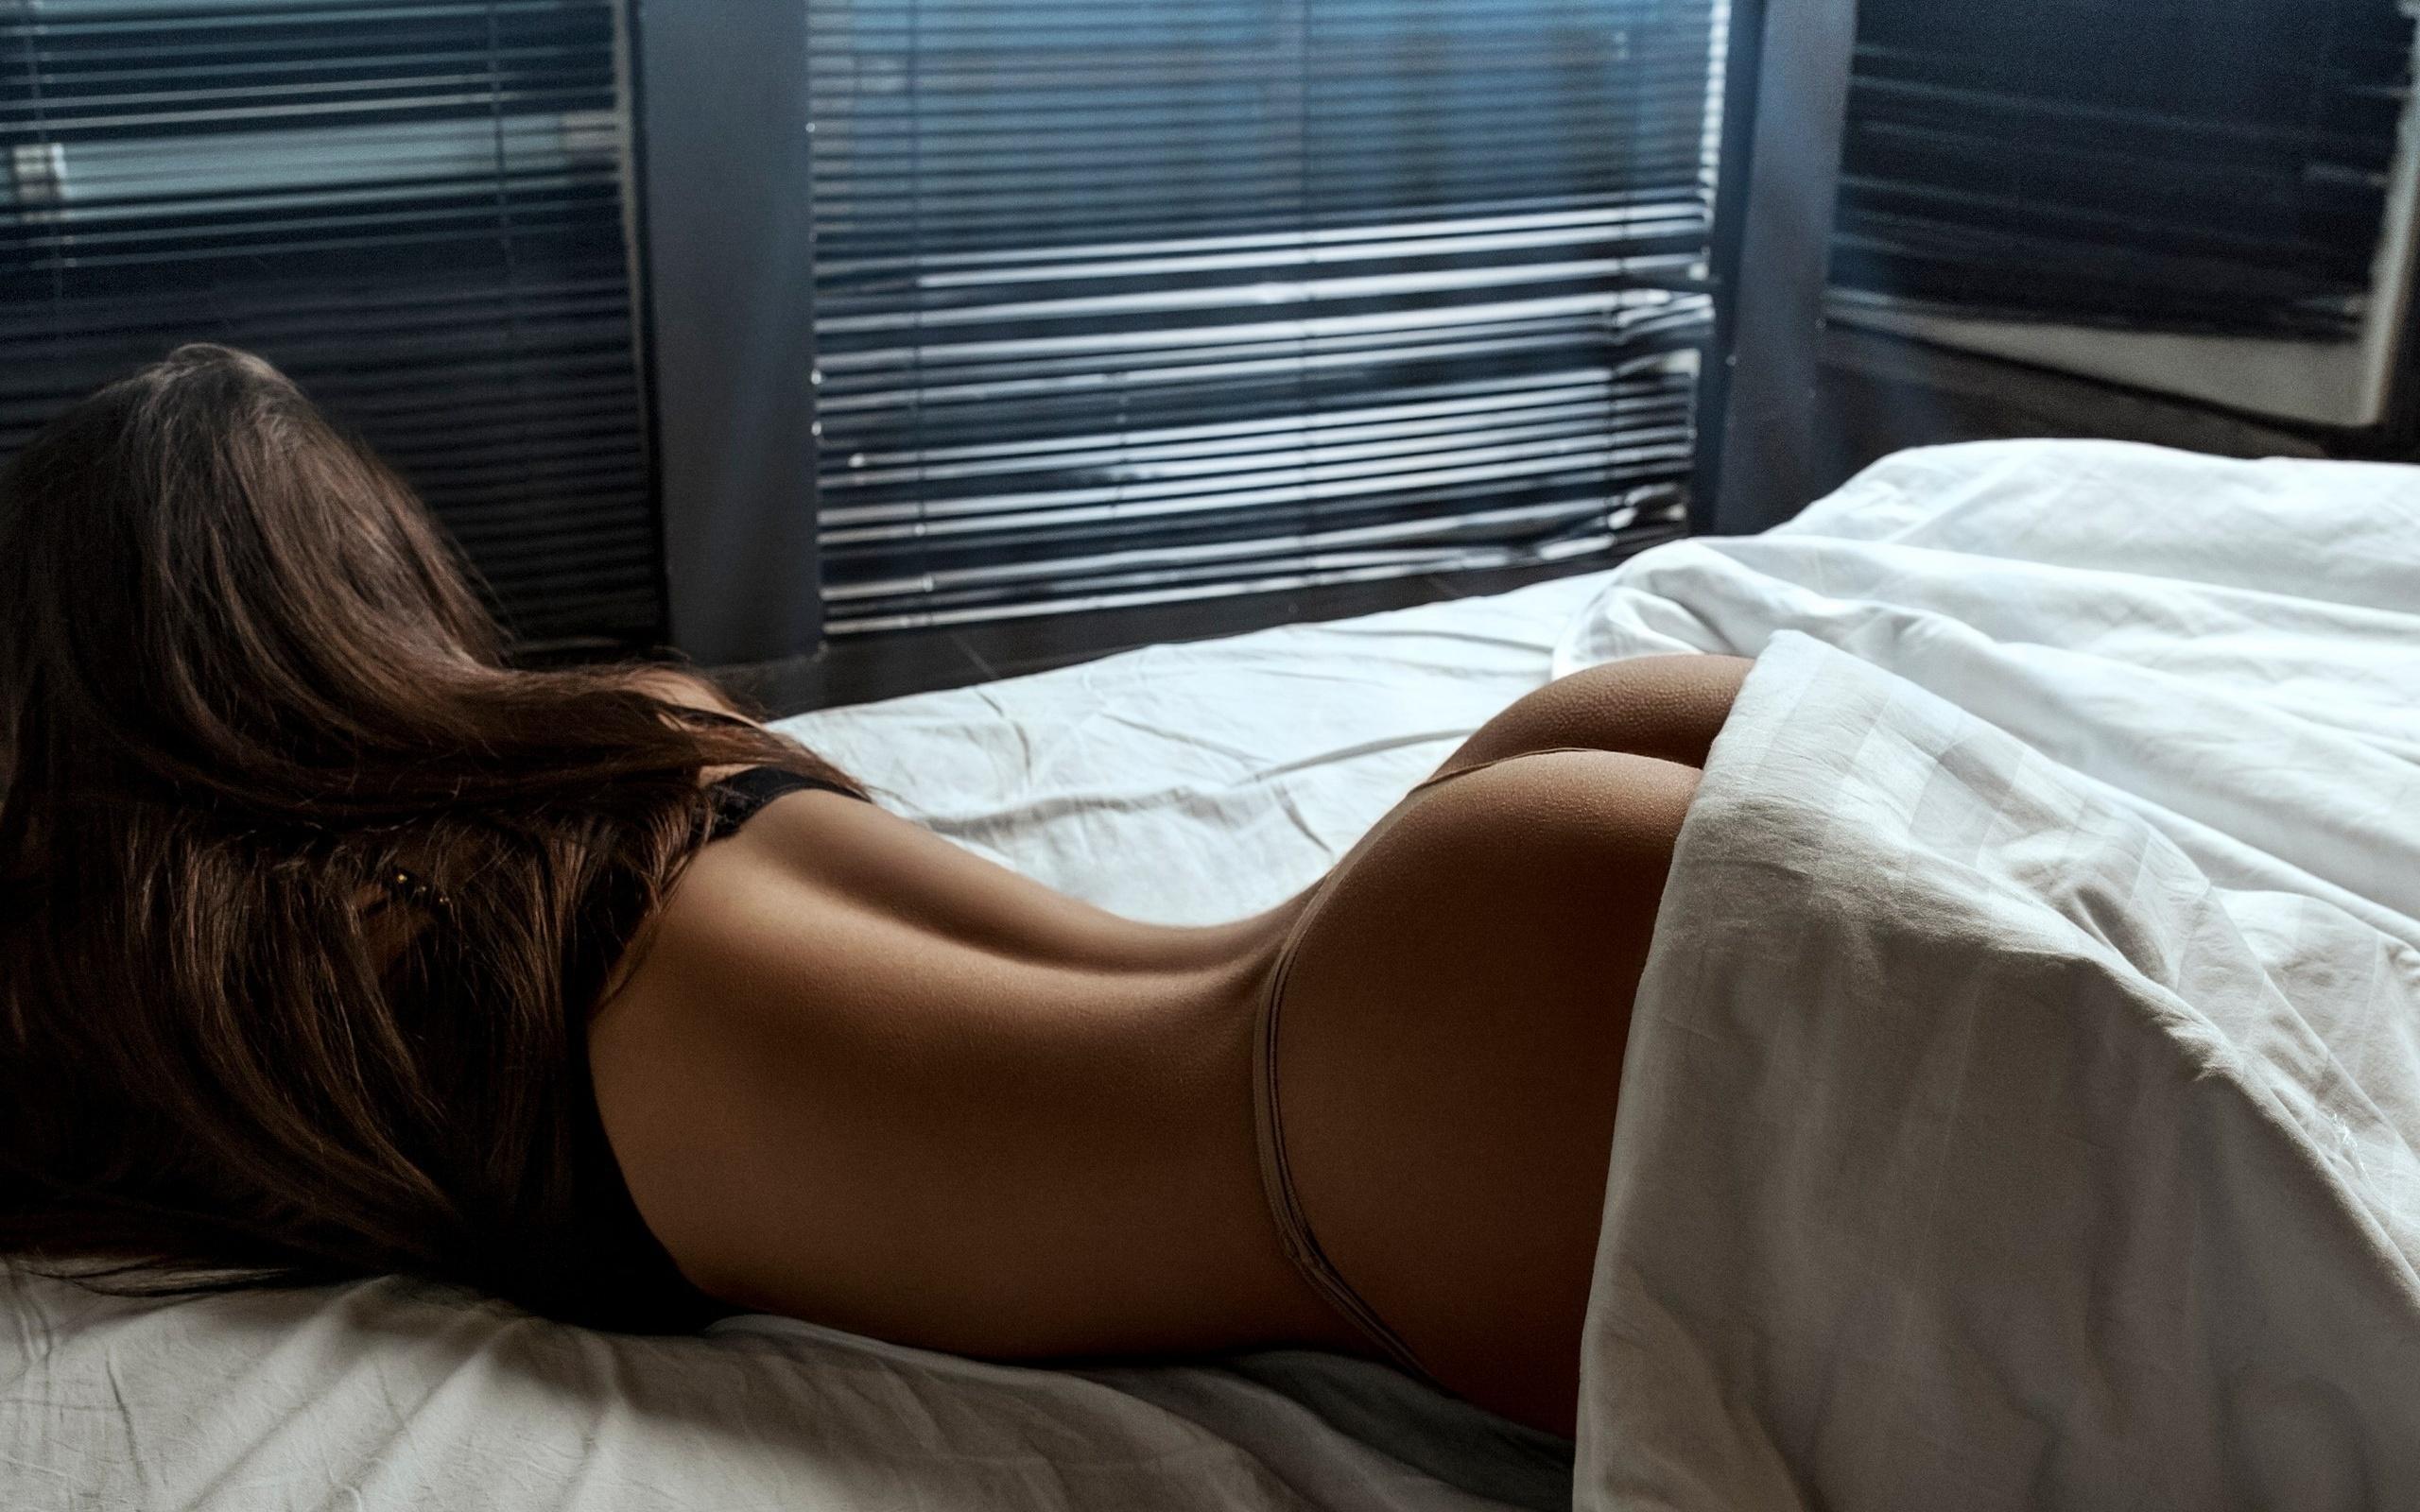 Фото попки девушек в постели, Большие задницы голых девушек в постели - Частное 19 фотография